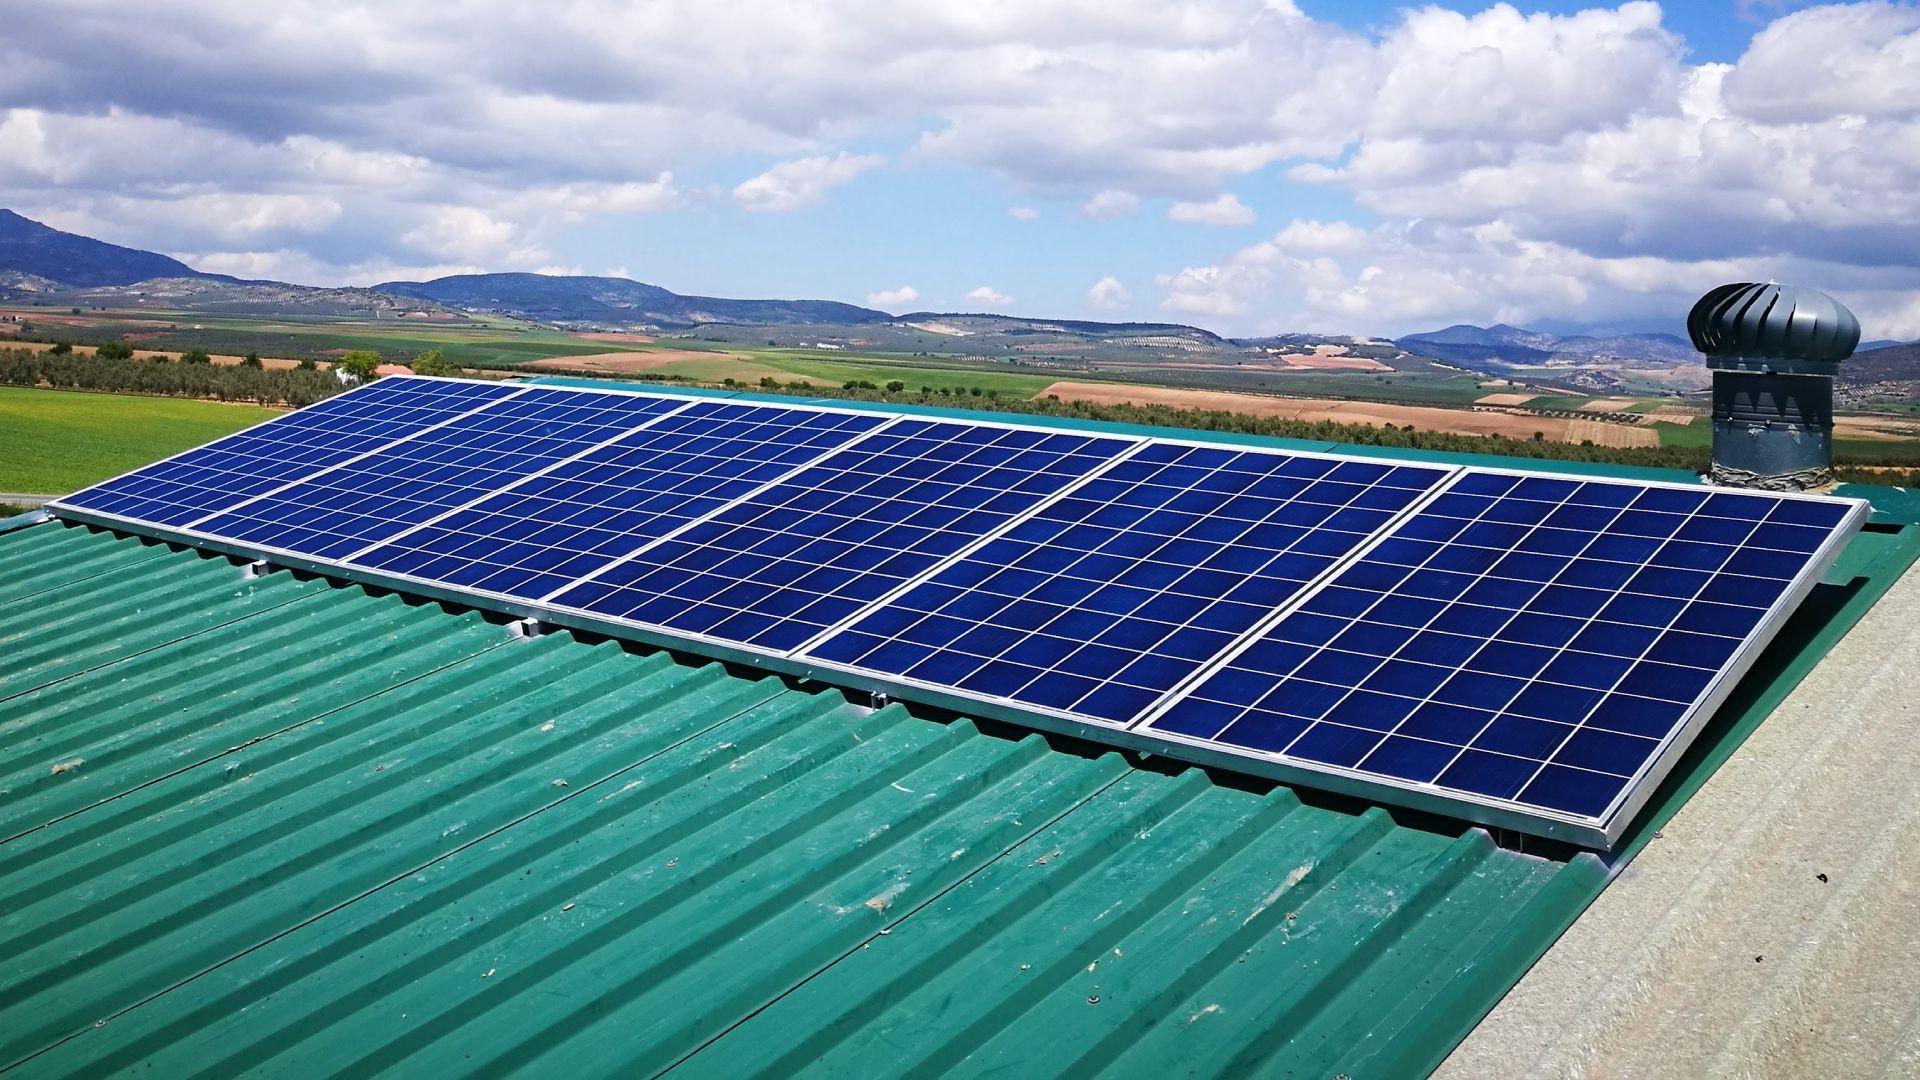 Instalación de placas solares para sitios aislados en Jaén